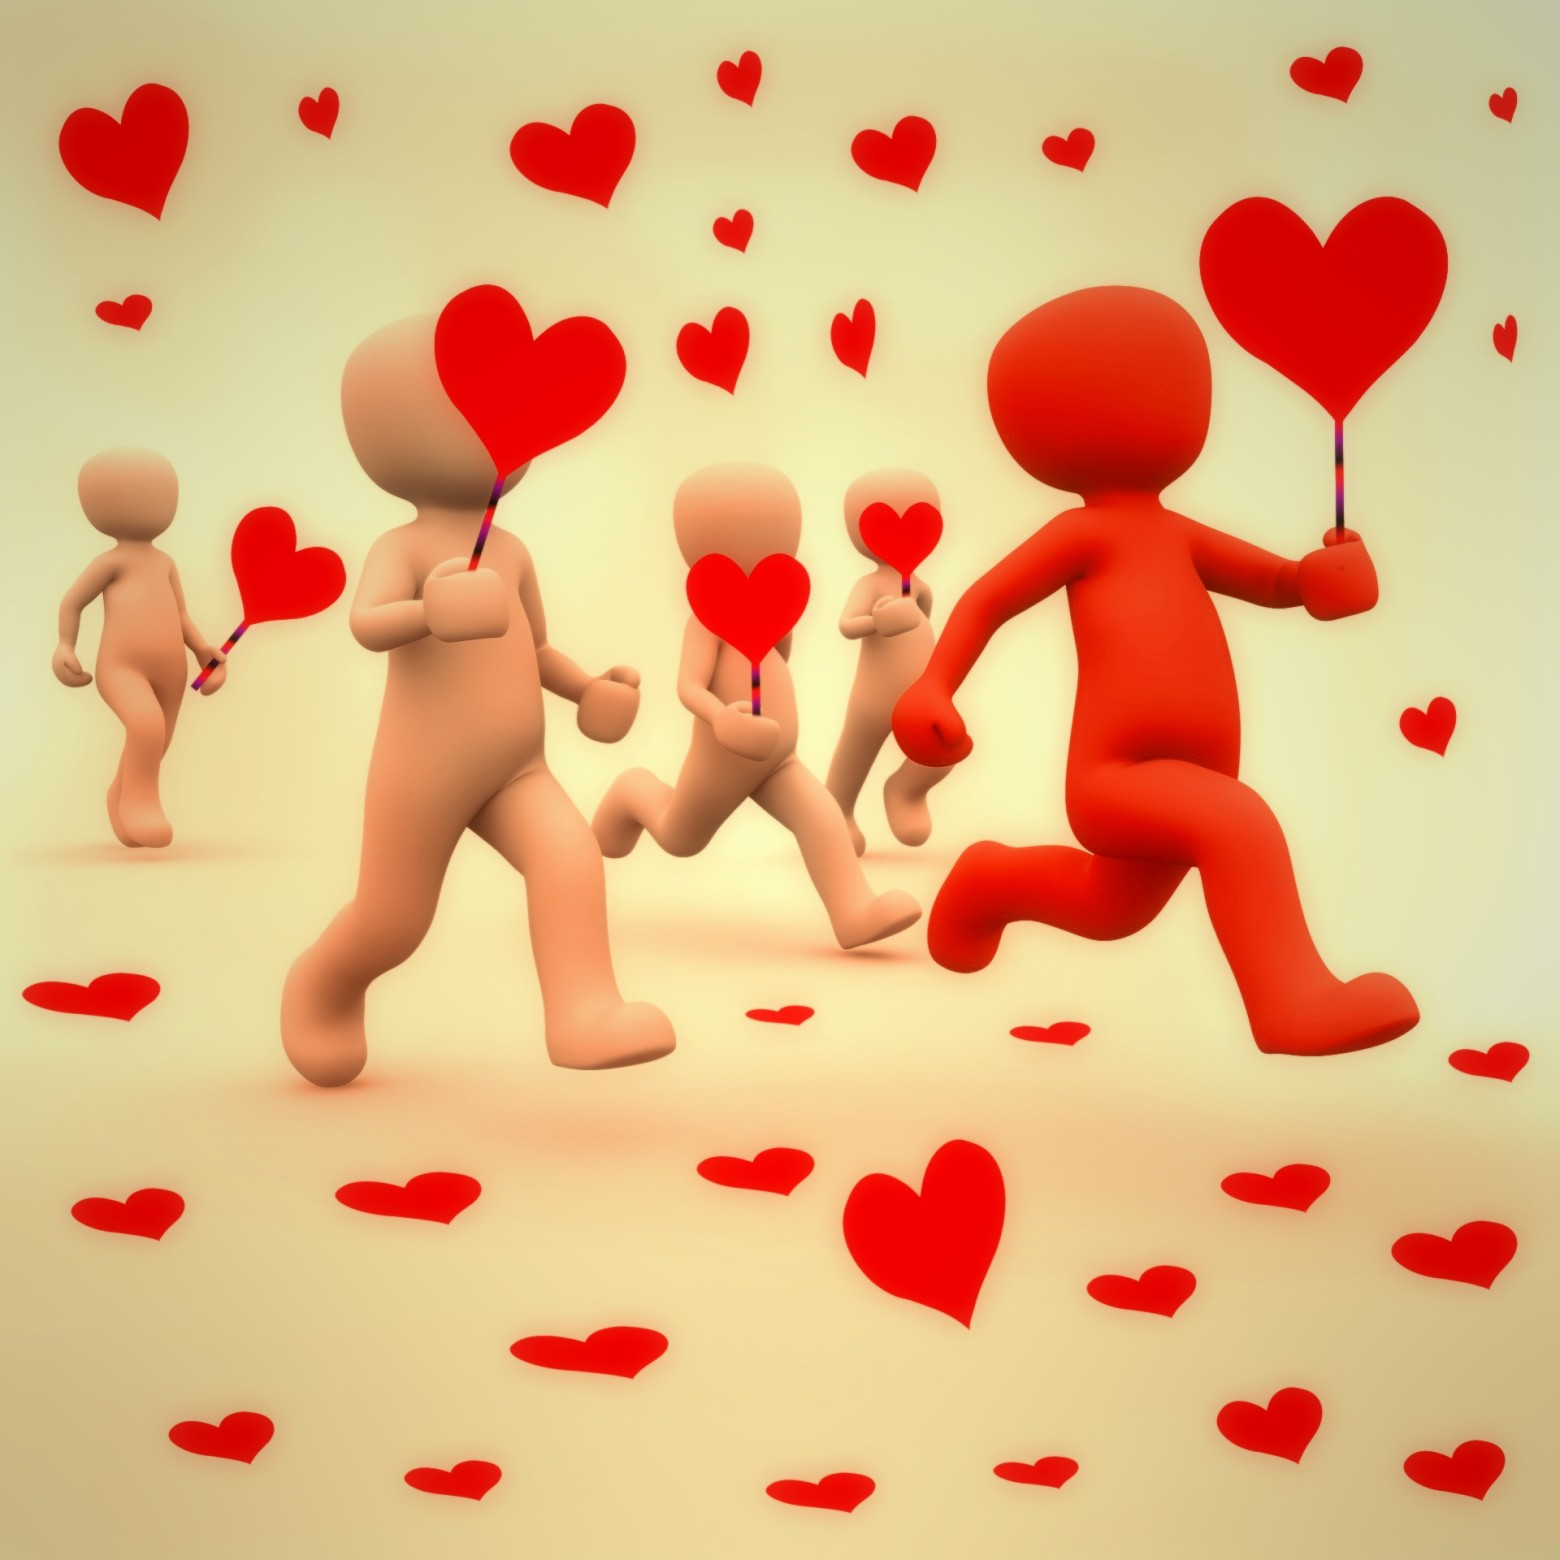 Saint valentin carte image amour coeur love bonhomme image - Images coeur gratuites ...